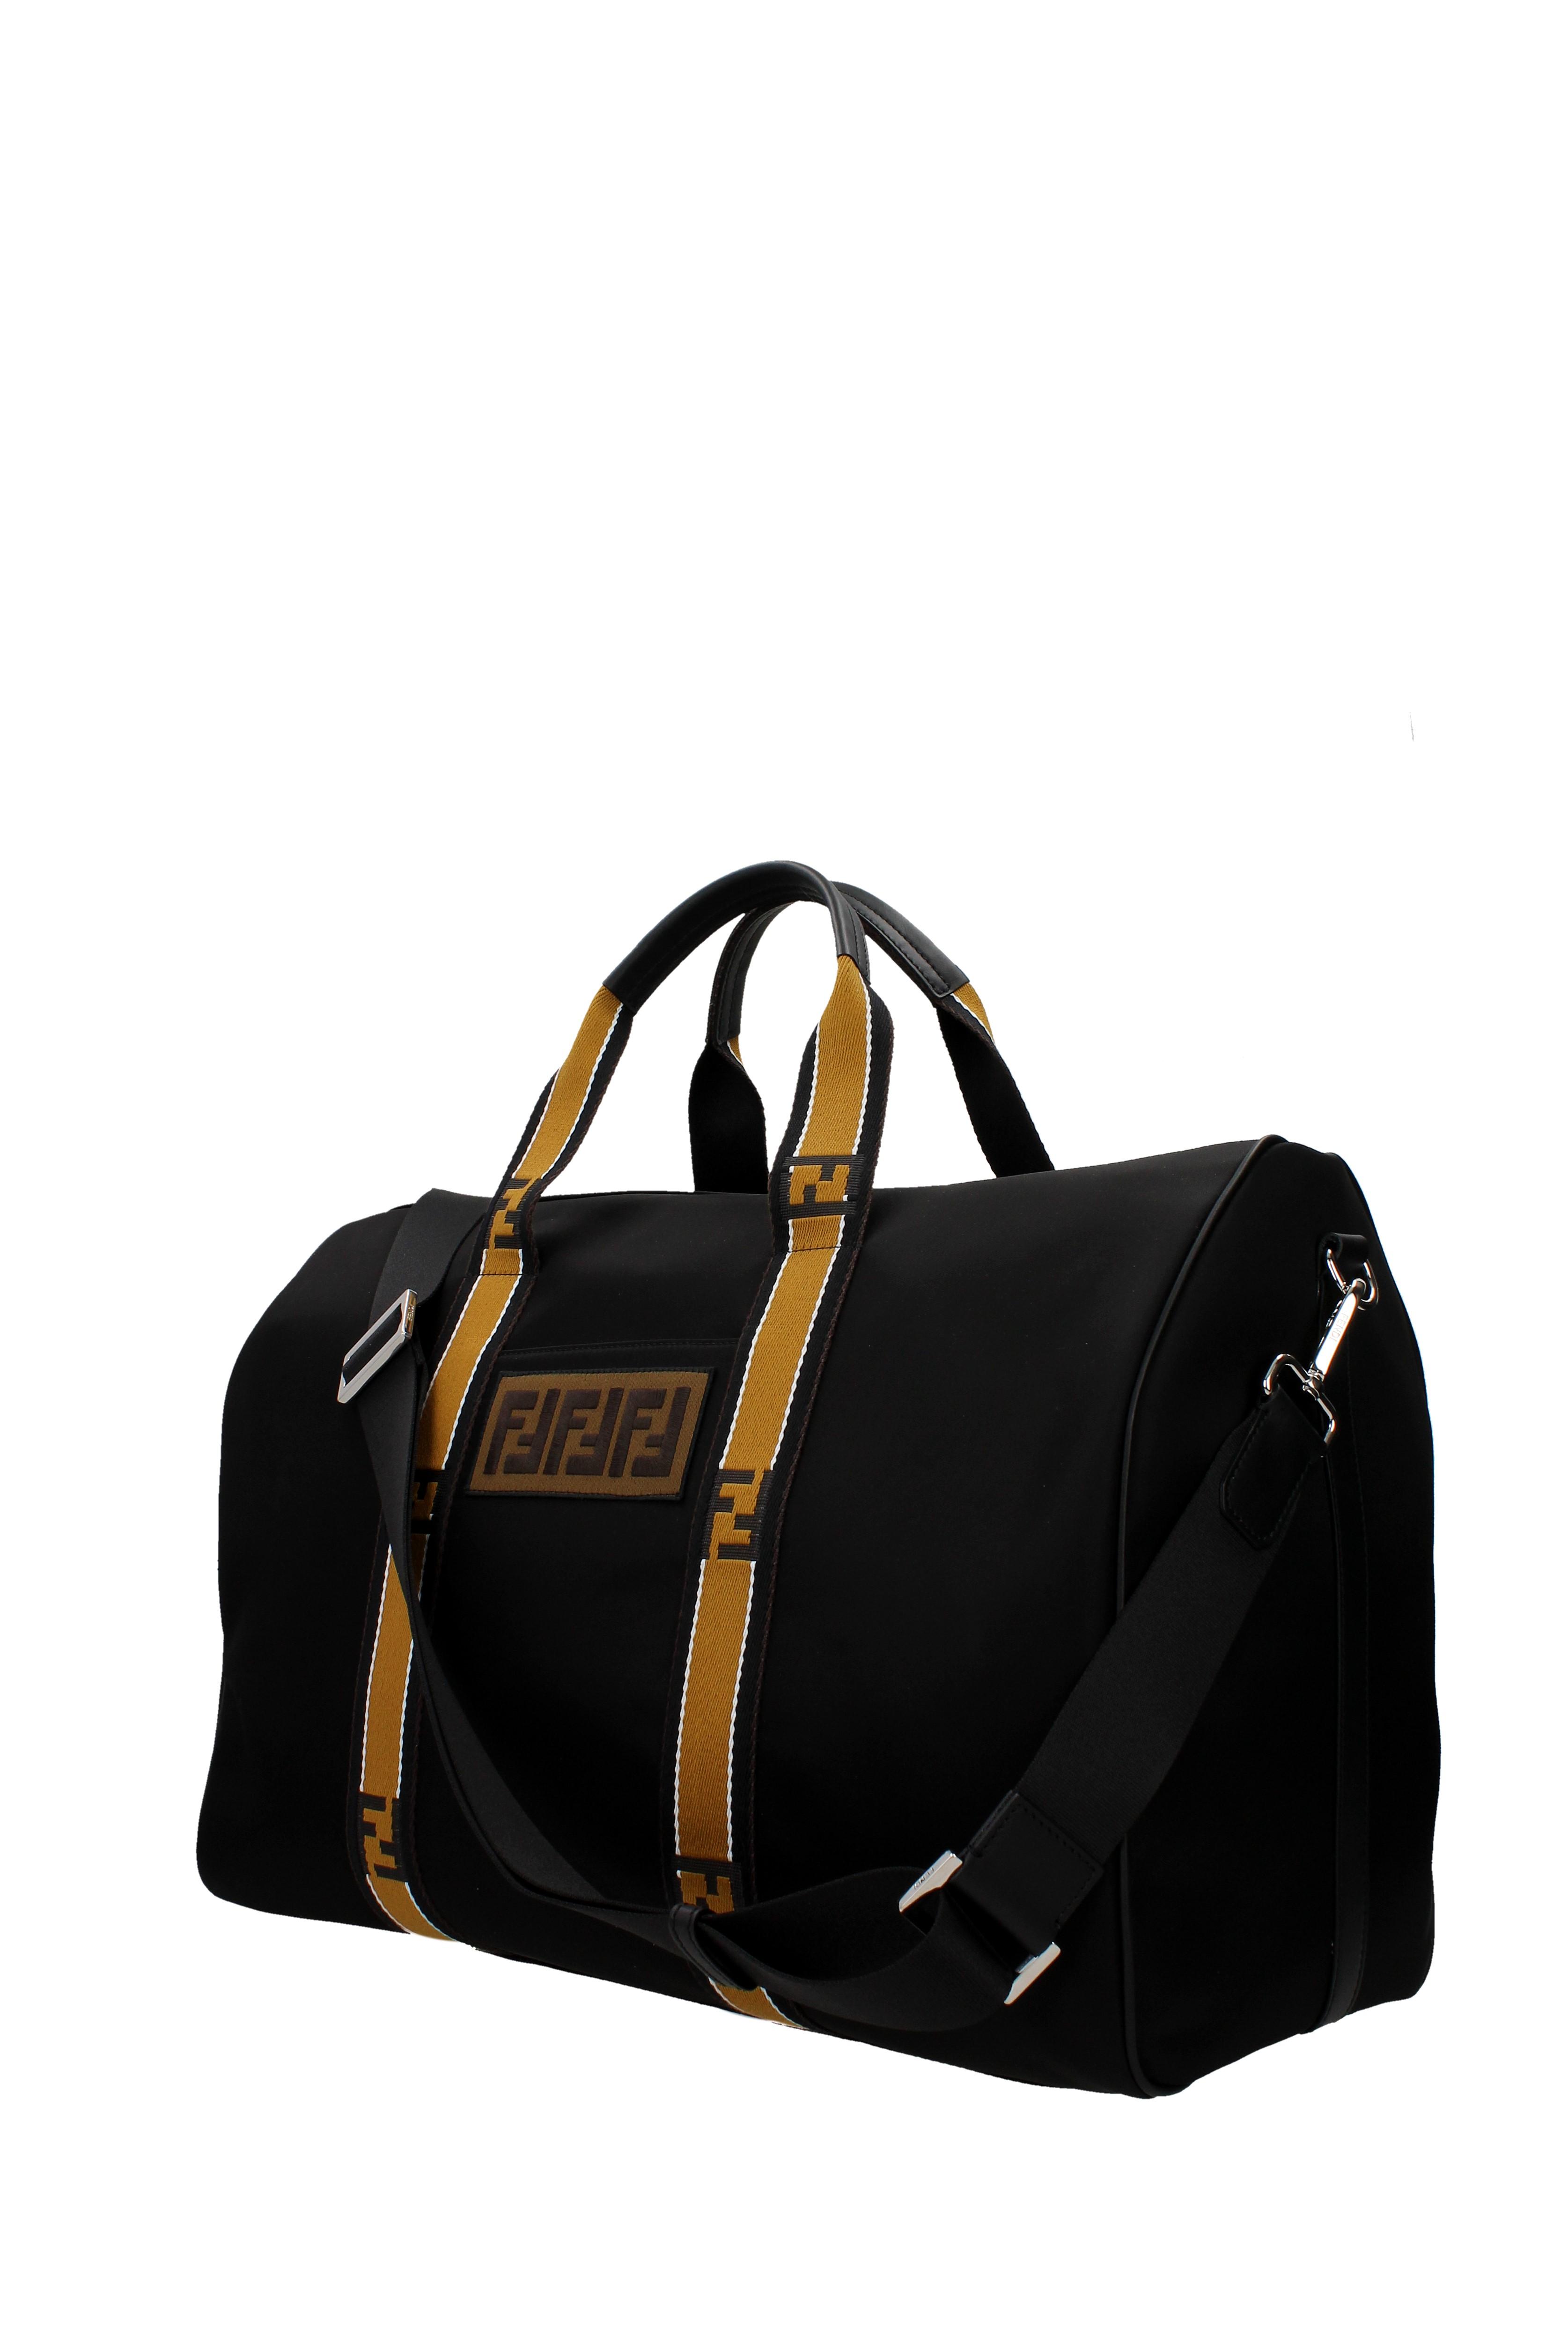 f63809505 ... where can i buy travel bags fendi men fabric 7va430a1r4 2bd66 6d086 ...